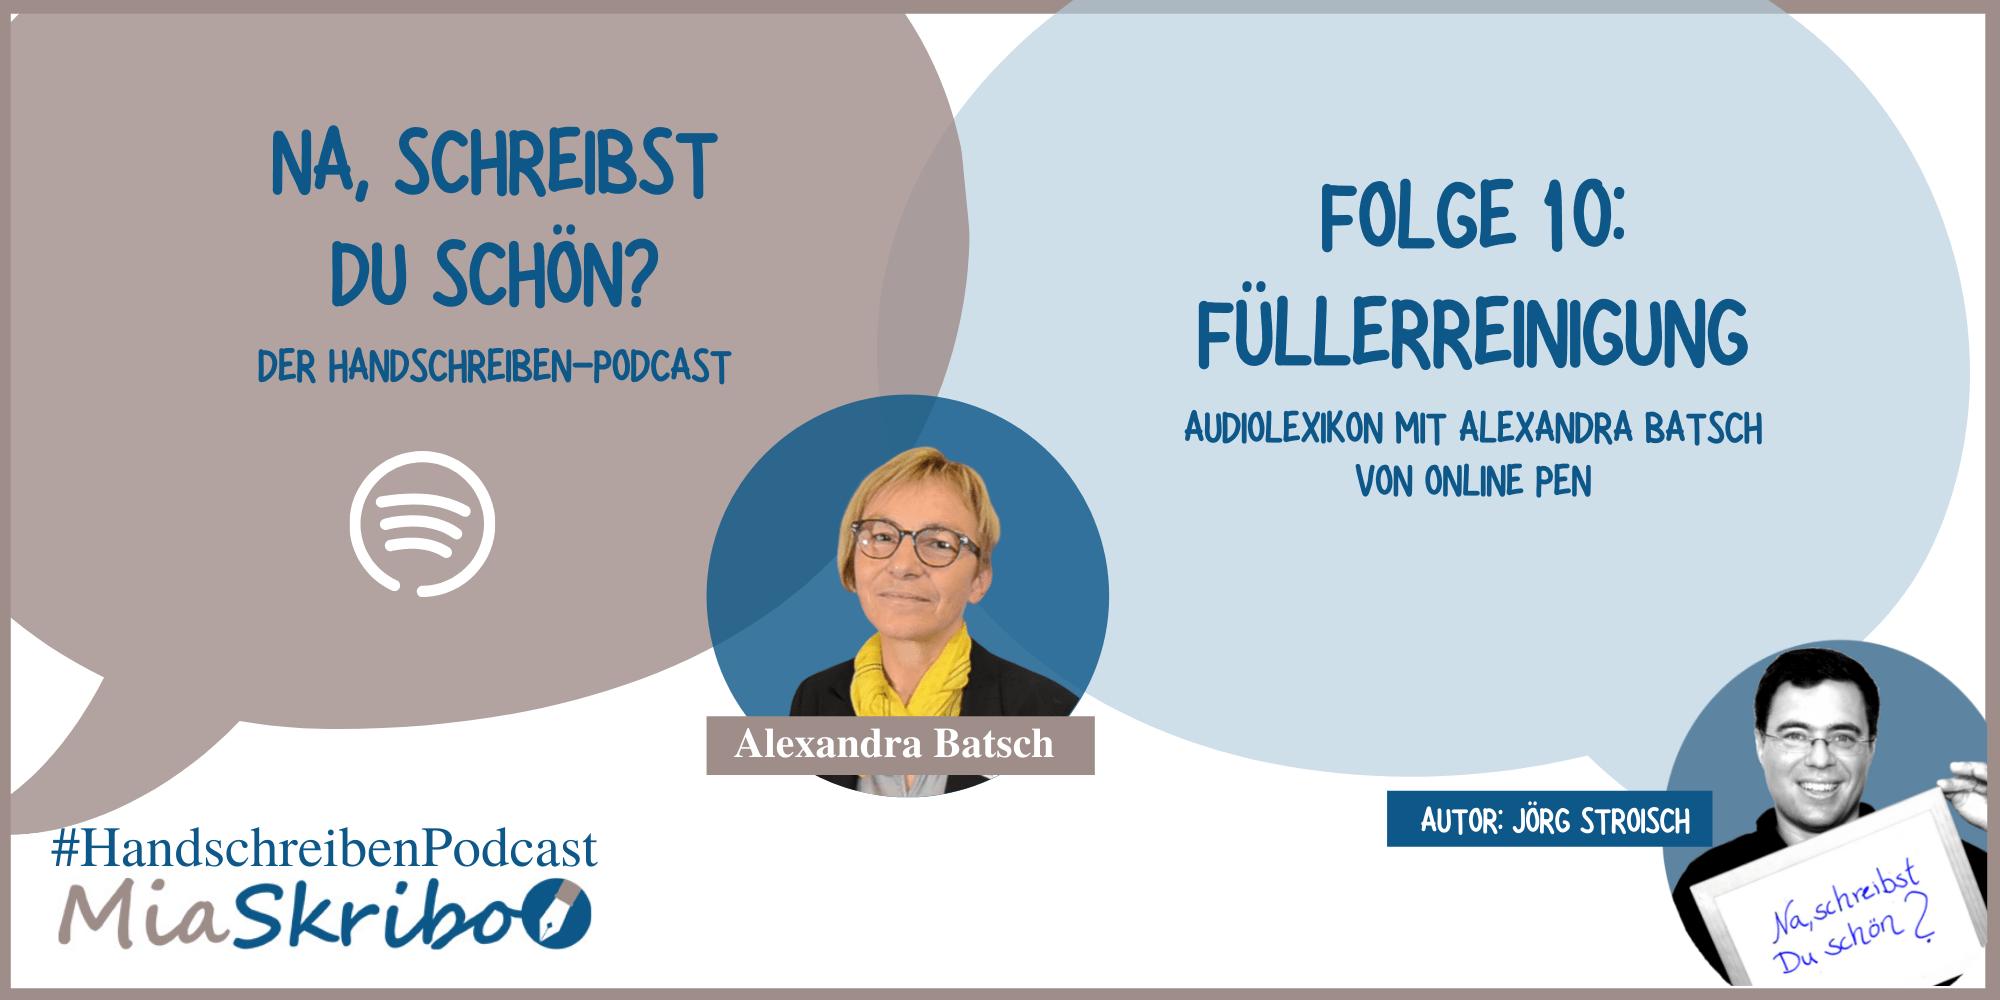 """Episode 10 des MiaSkribo-Podcasts """"Na, schreibst Du schön?"""" mit Alexandra Batsch über das Füllerreinigen."""